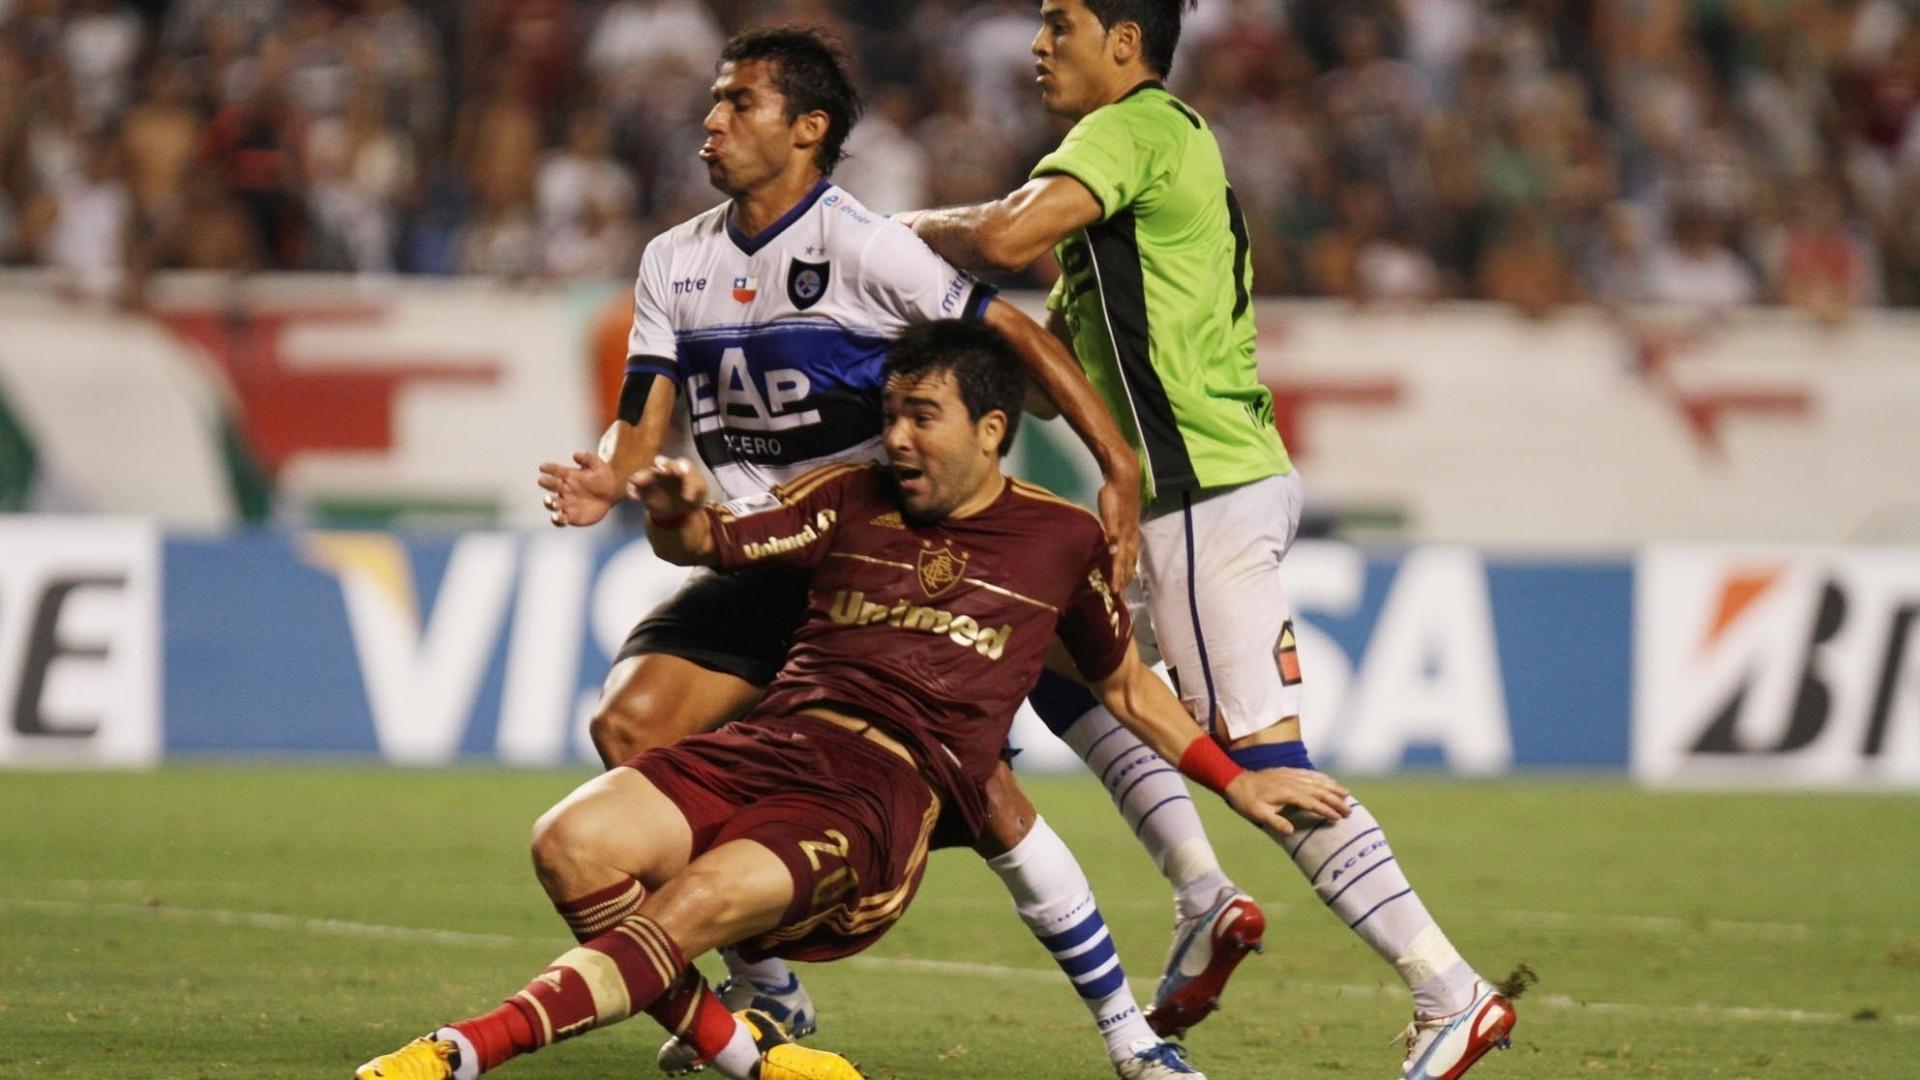 Caindo no gramado, Deco tenta finalizar para o Fluminense no duelo contra o Huachipato, no Engenhão, pelo grupo 8 da Libertadores